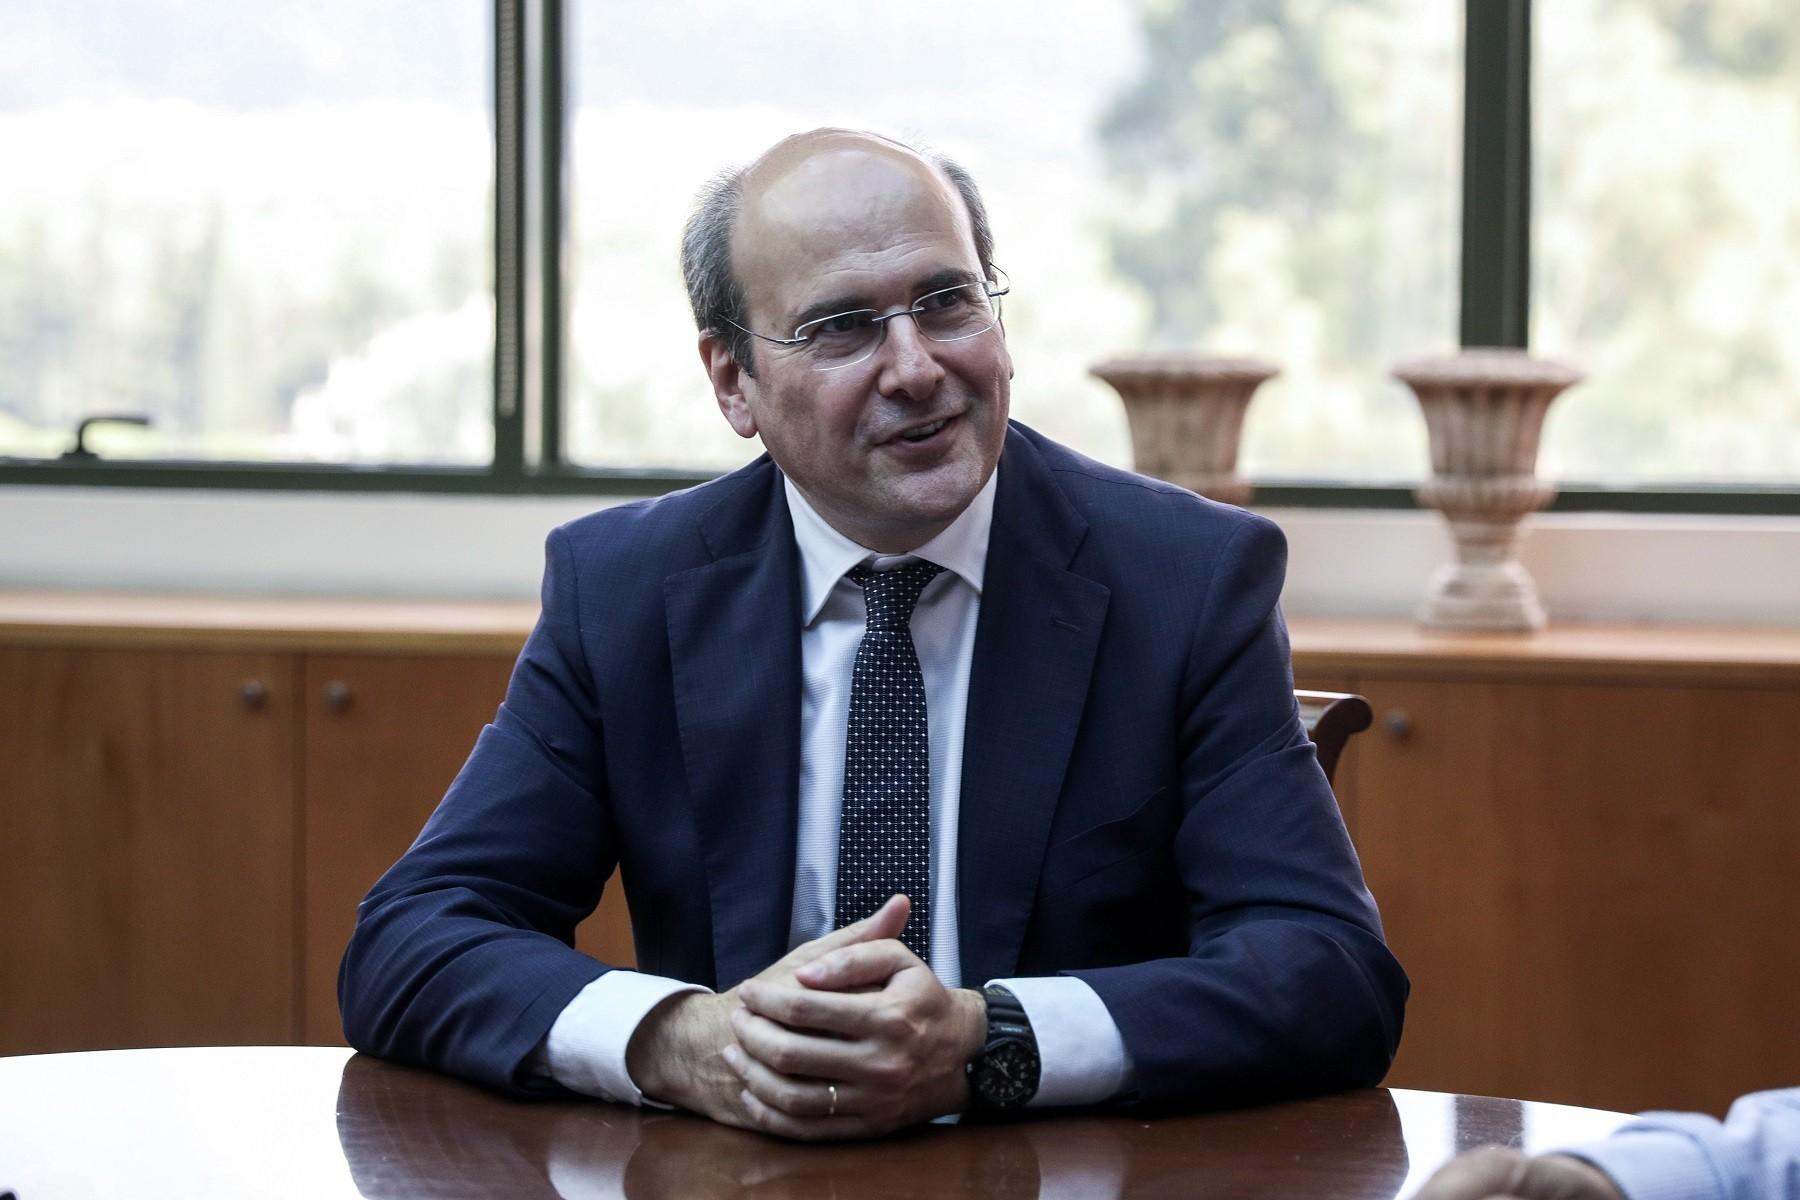 Κωστής Χατζηδάκης, Υπουργός Εργασίας και Κοινωνικών Υποθέσεων